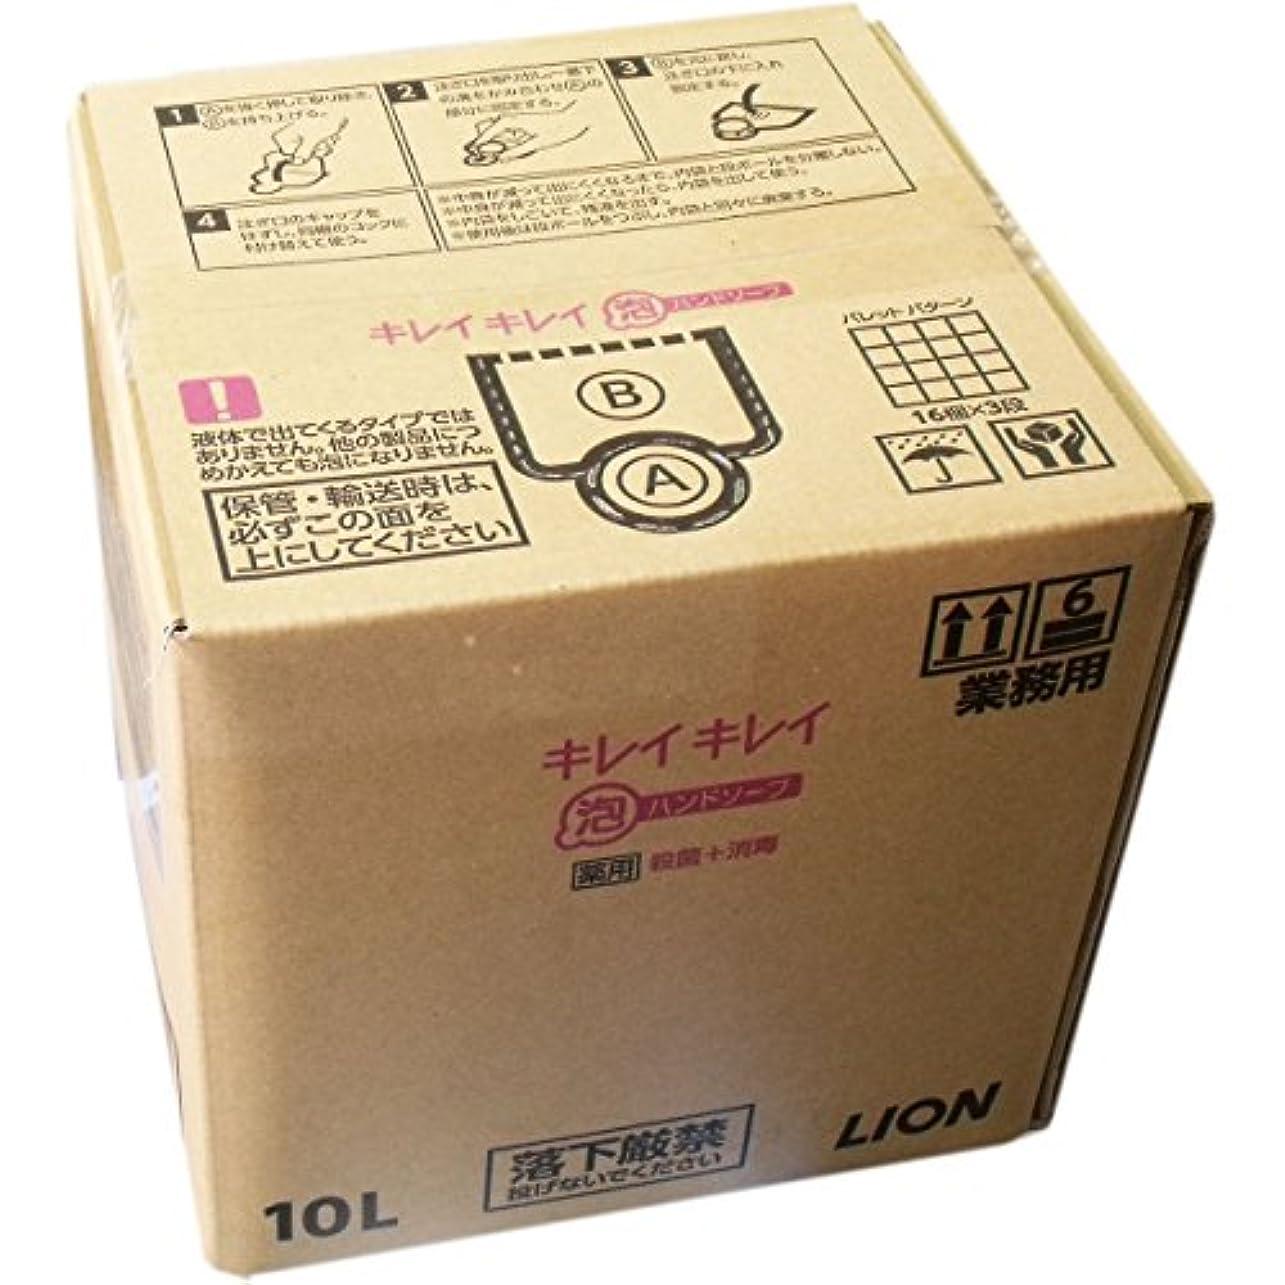 白鳥蜜グラフライオン 業務用キレイキレイ 薬用泡ハンドソープ 10L